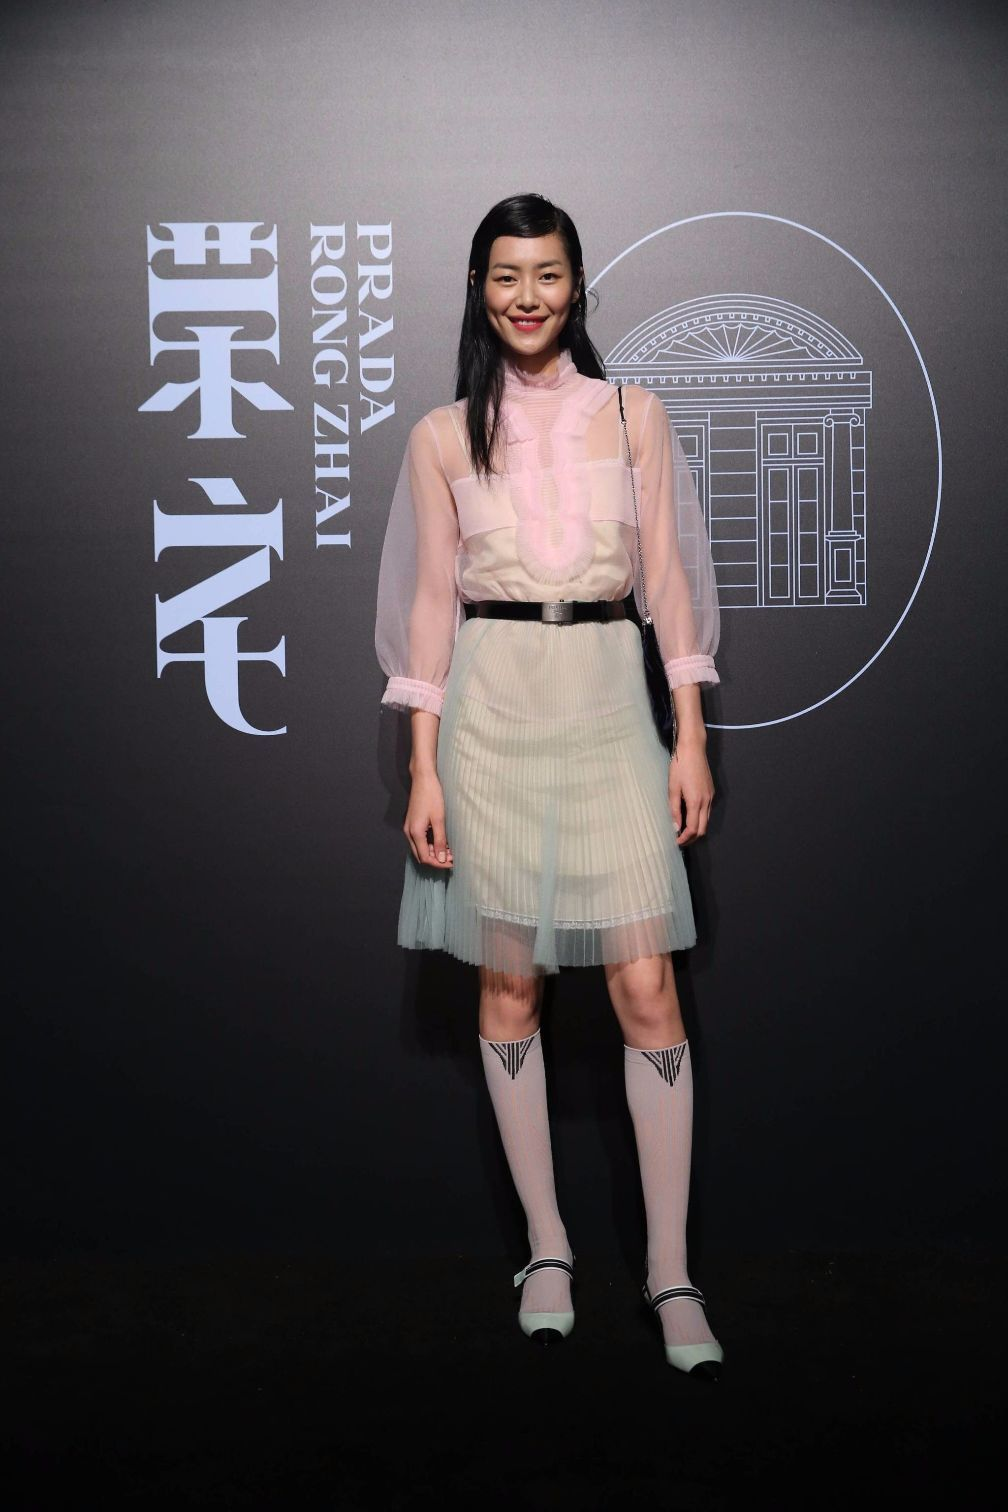 刘雯最新造型像极穿姨妈巾上身,网友:这衣服袜子鞋我都喜欢不来